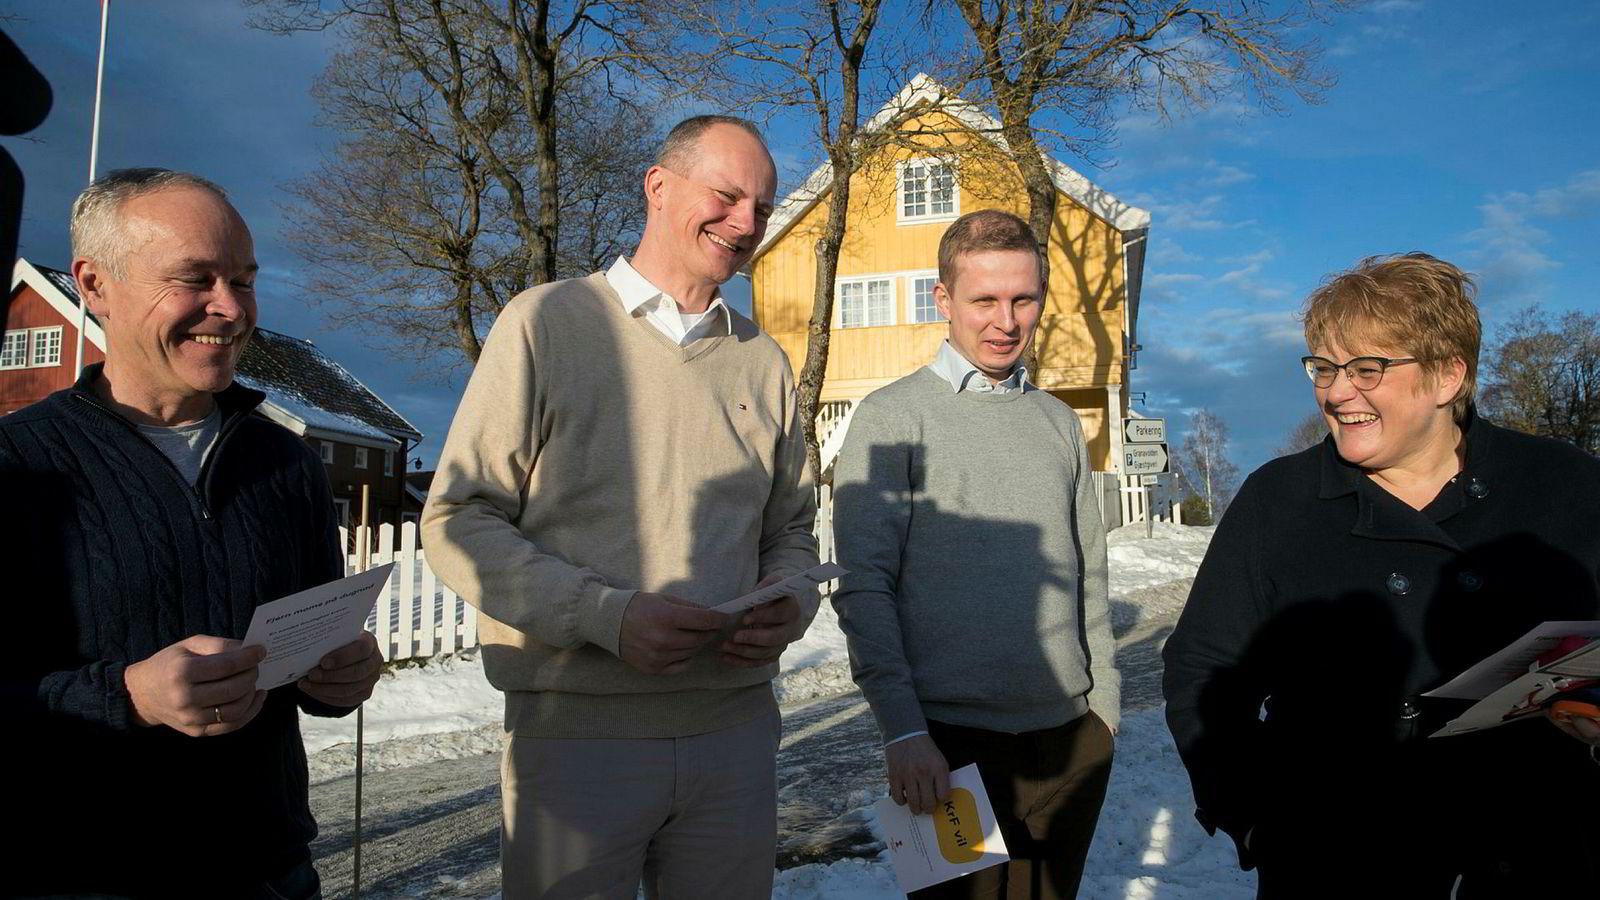 Uenige om spritsalg? Høyres nestleder Jan Tore Sanner, nestleder i Frp Ketil Solvik-Olsen, Erik Lunde fra KrF og Venstre-leder Trine Skei Grande under regjeringsforhandlingene på Granavolden Gjæstgiveri på Hadeland.